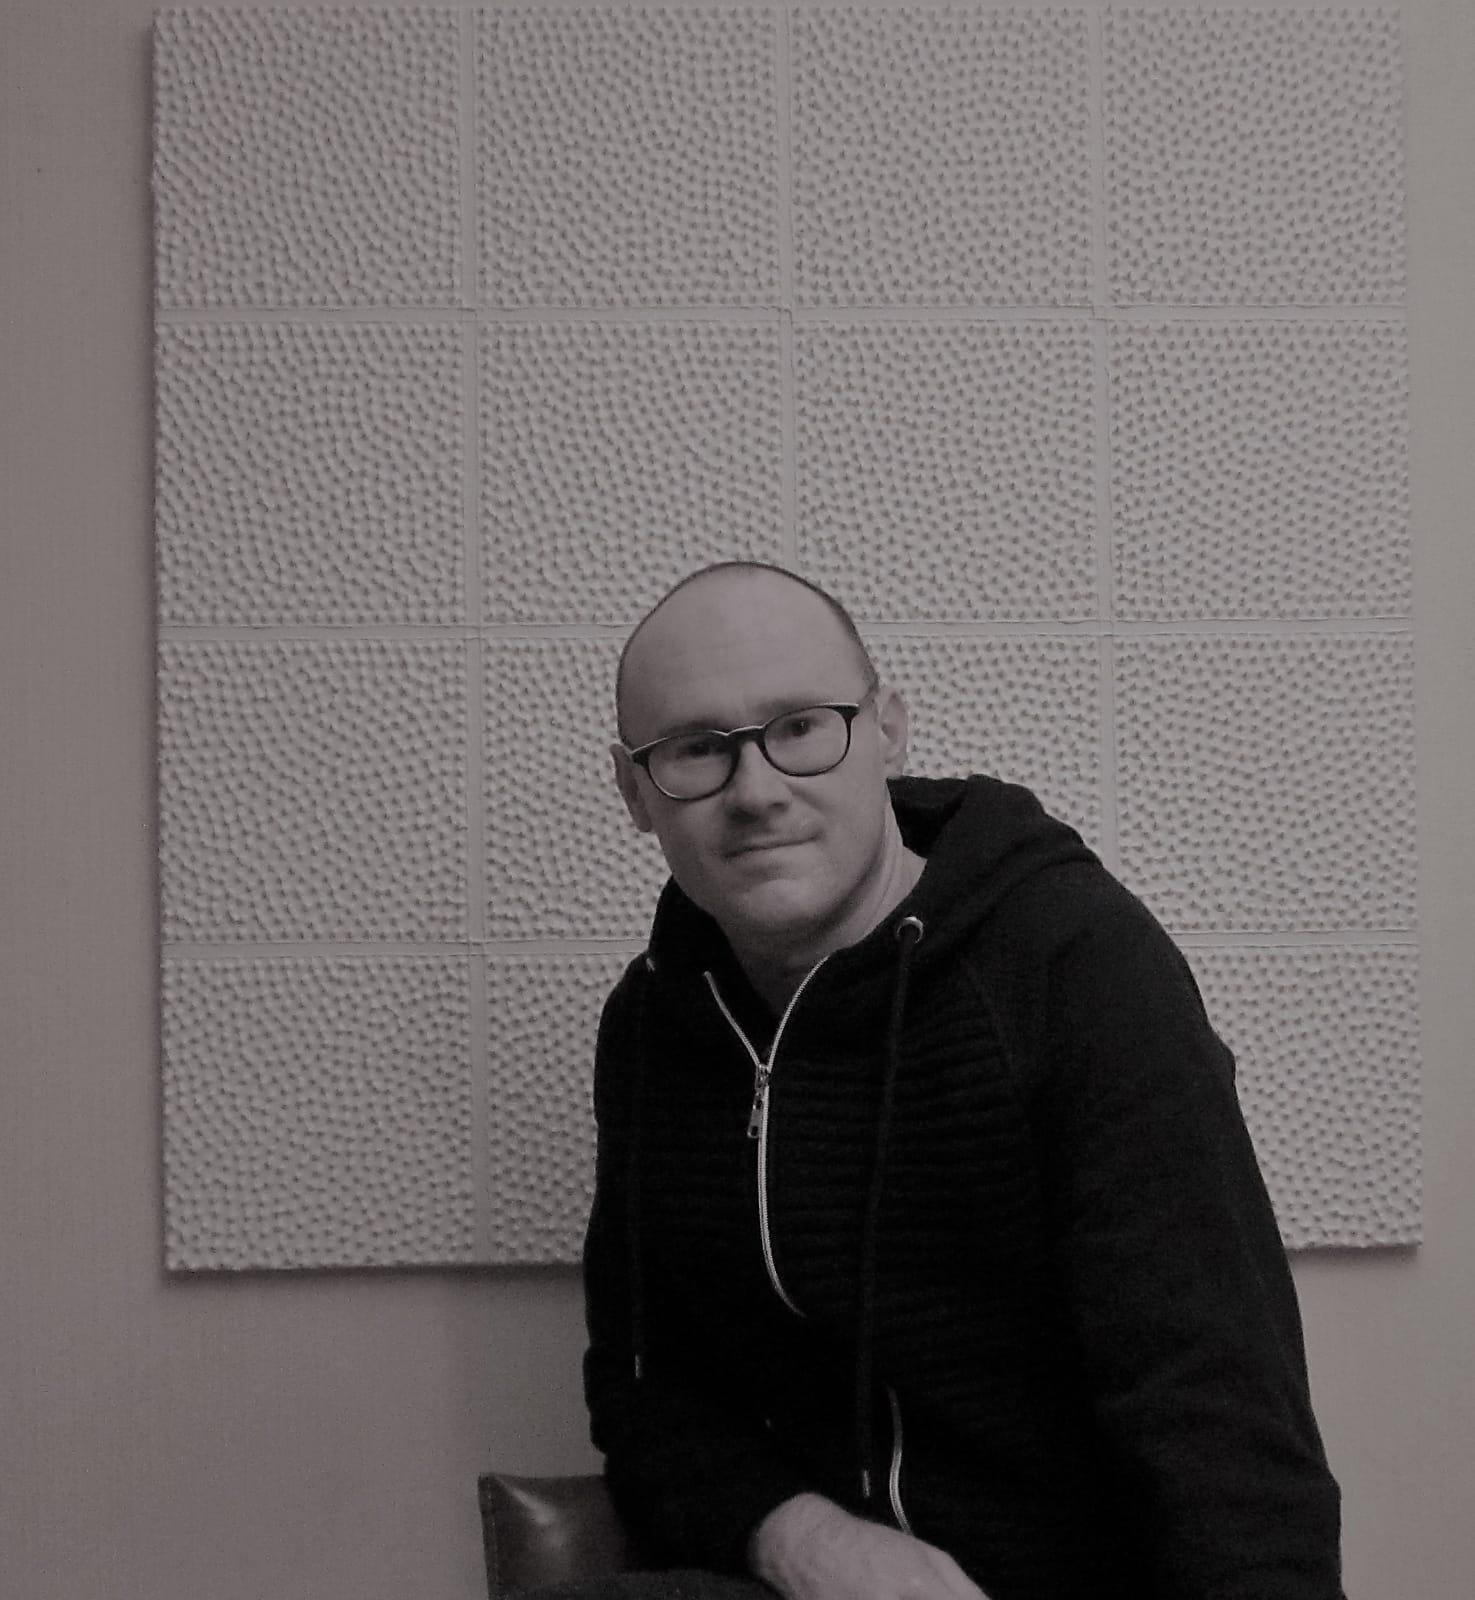 Lapetus II | Maarten van Tilburg (NL)